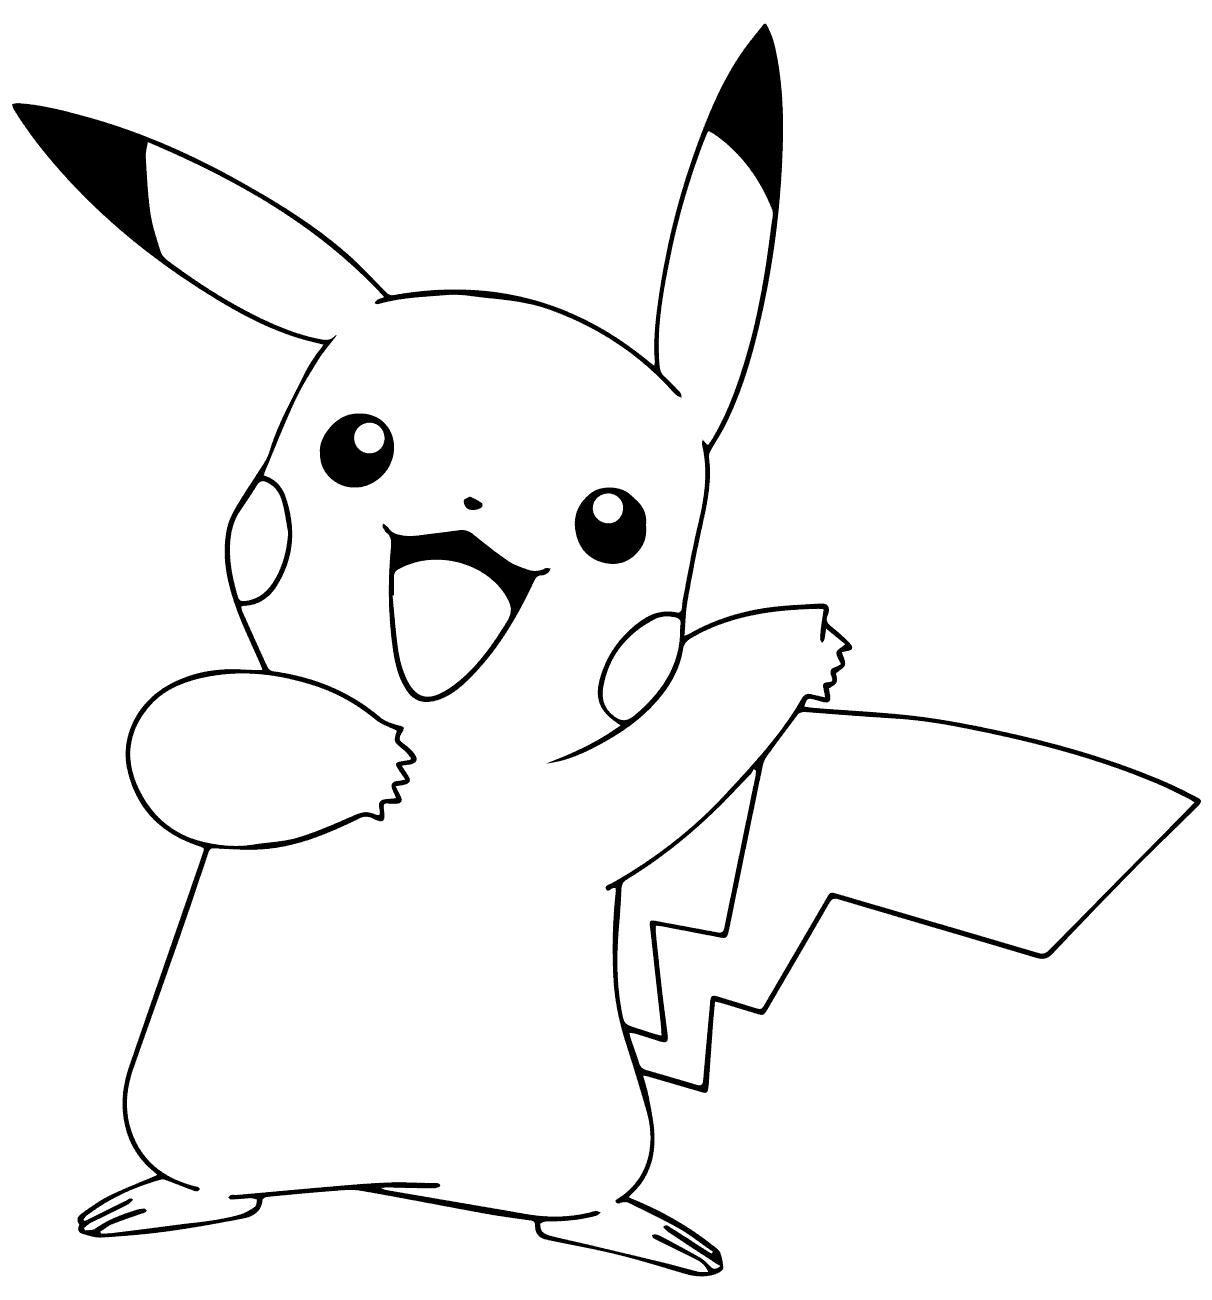 Tranh tô màu pokemon